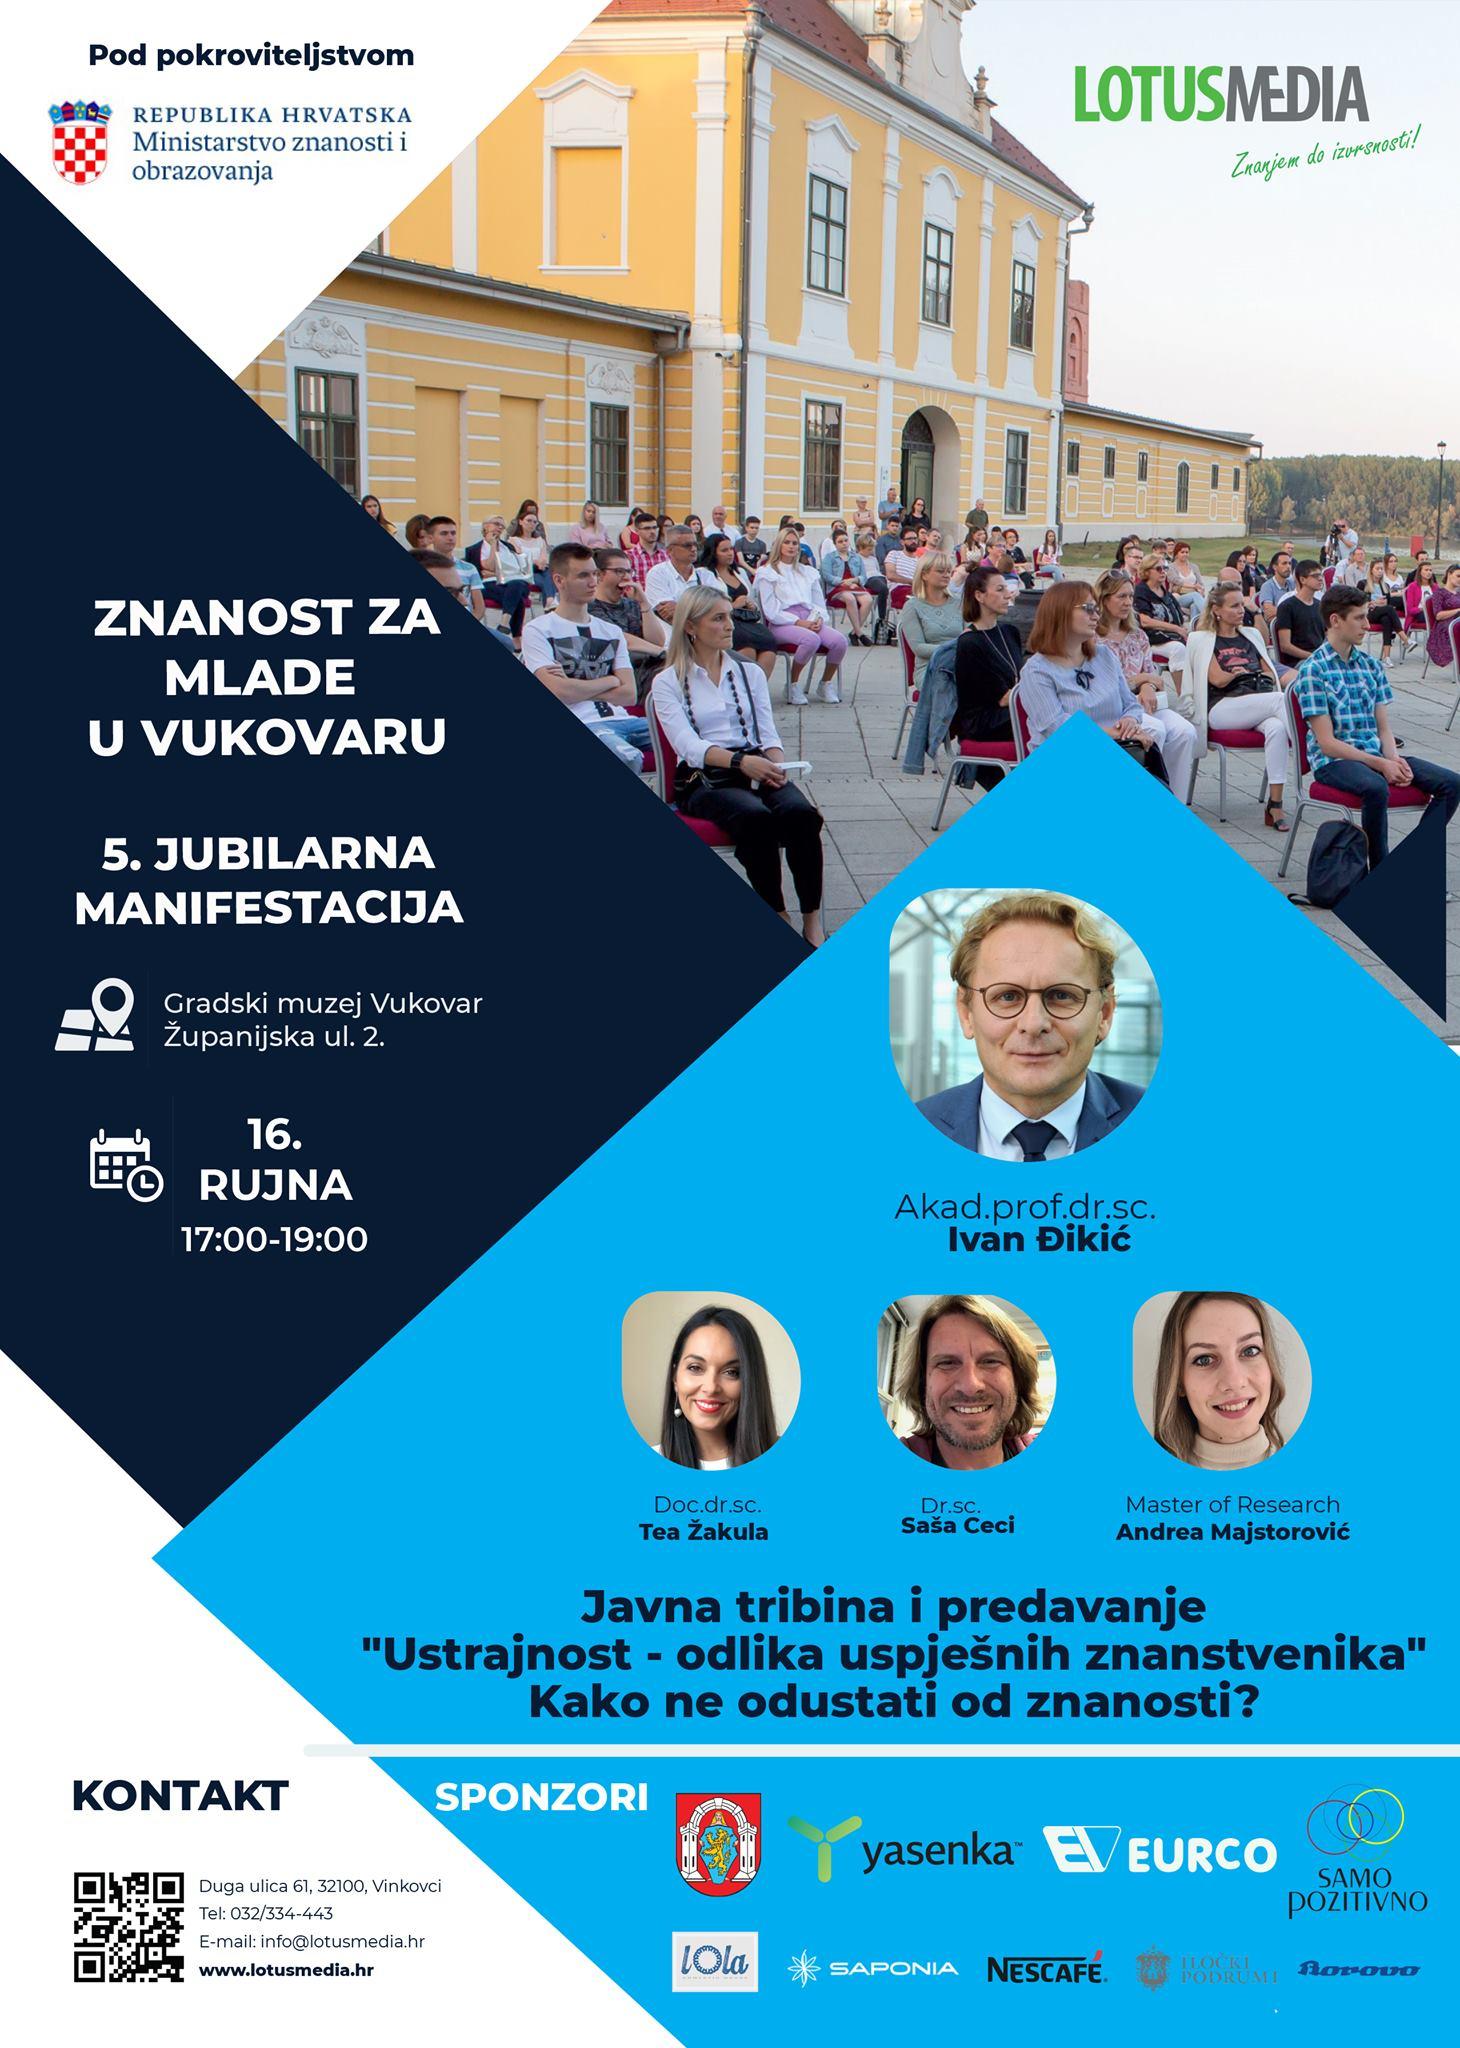 Znanost za mlade u Vukovaru